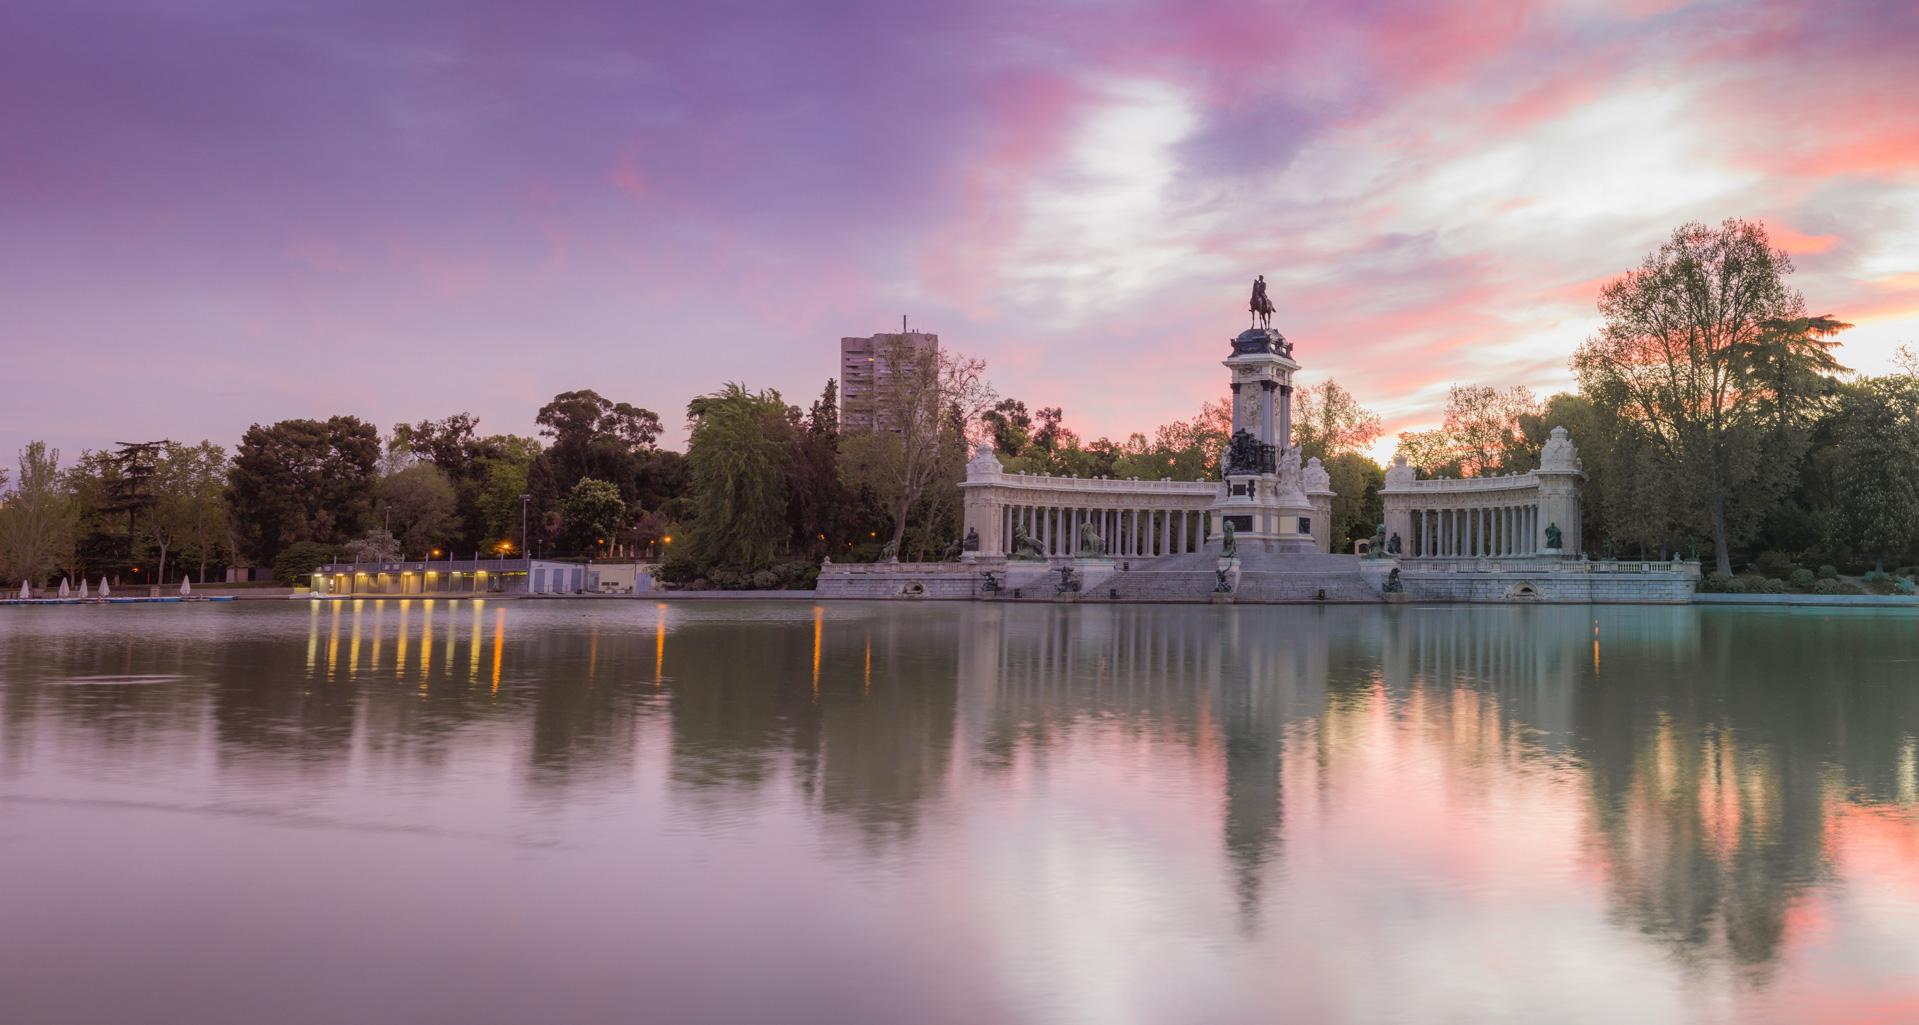 Consideraciones en torno a la propuesta del eje Prado-Retiro de Madrid como patrimonio mundial 12